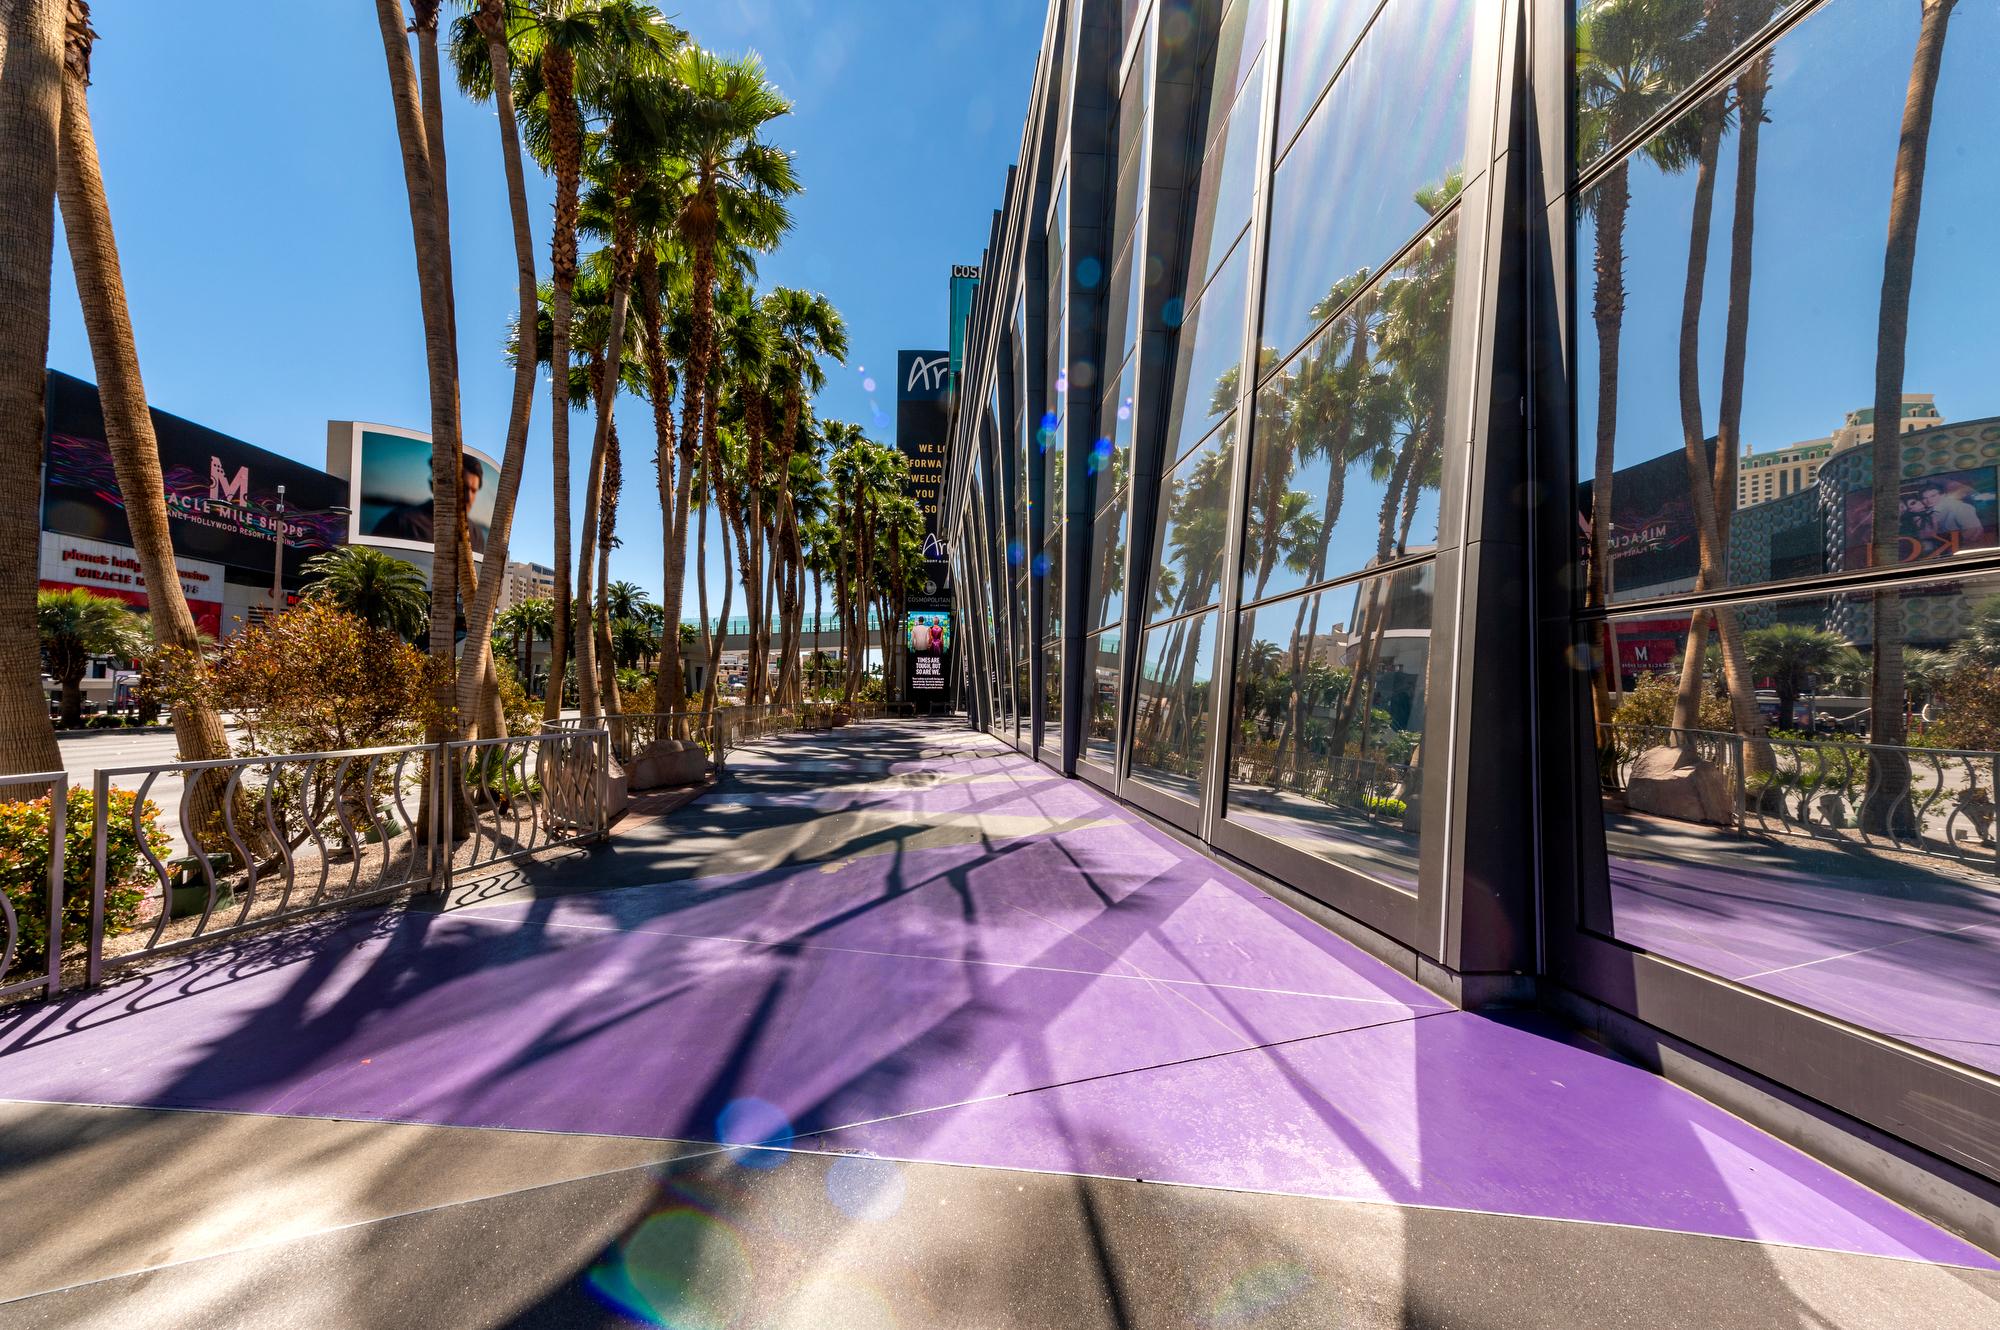 A sidewalk in Las Vegas